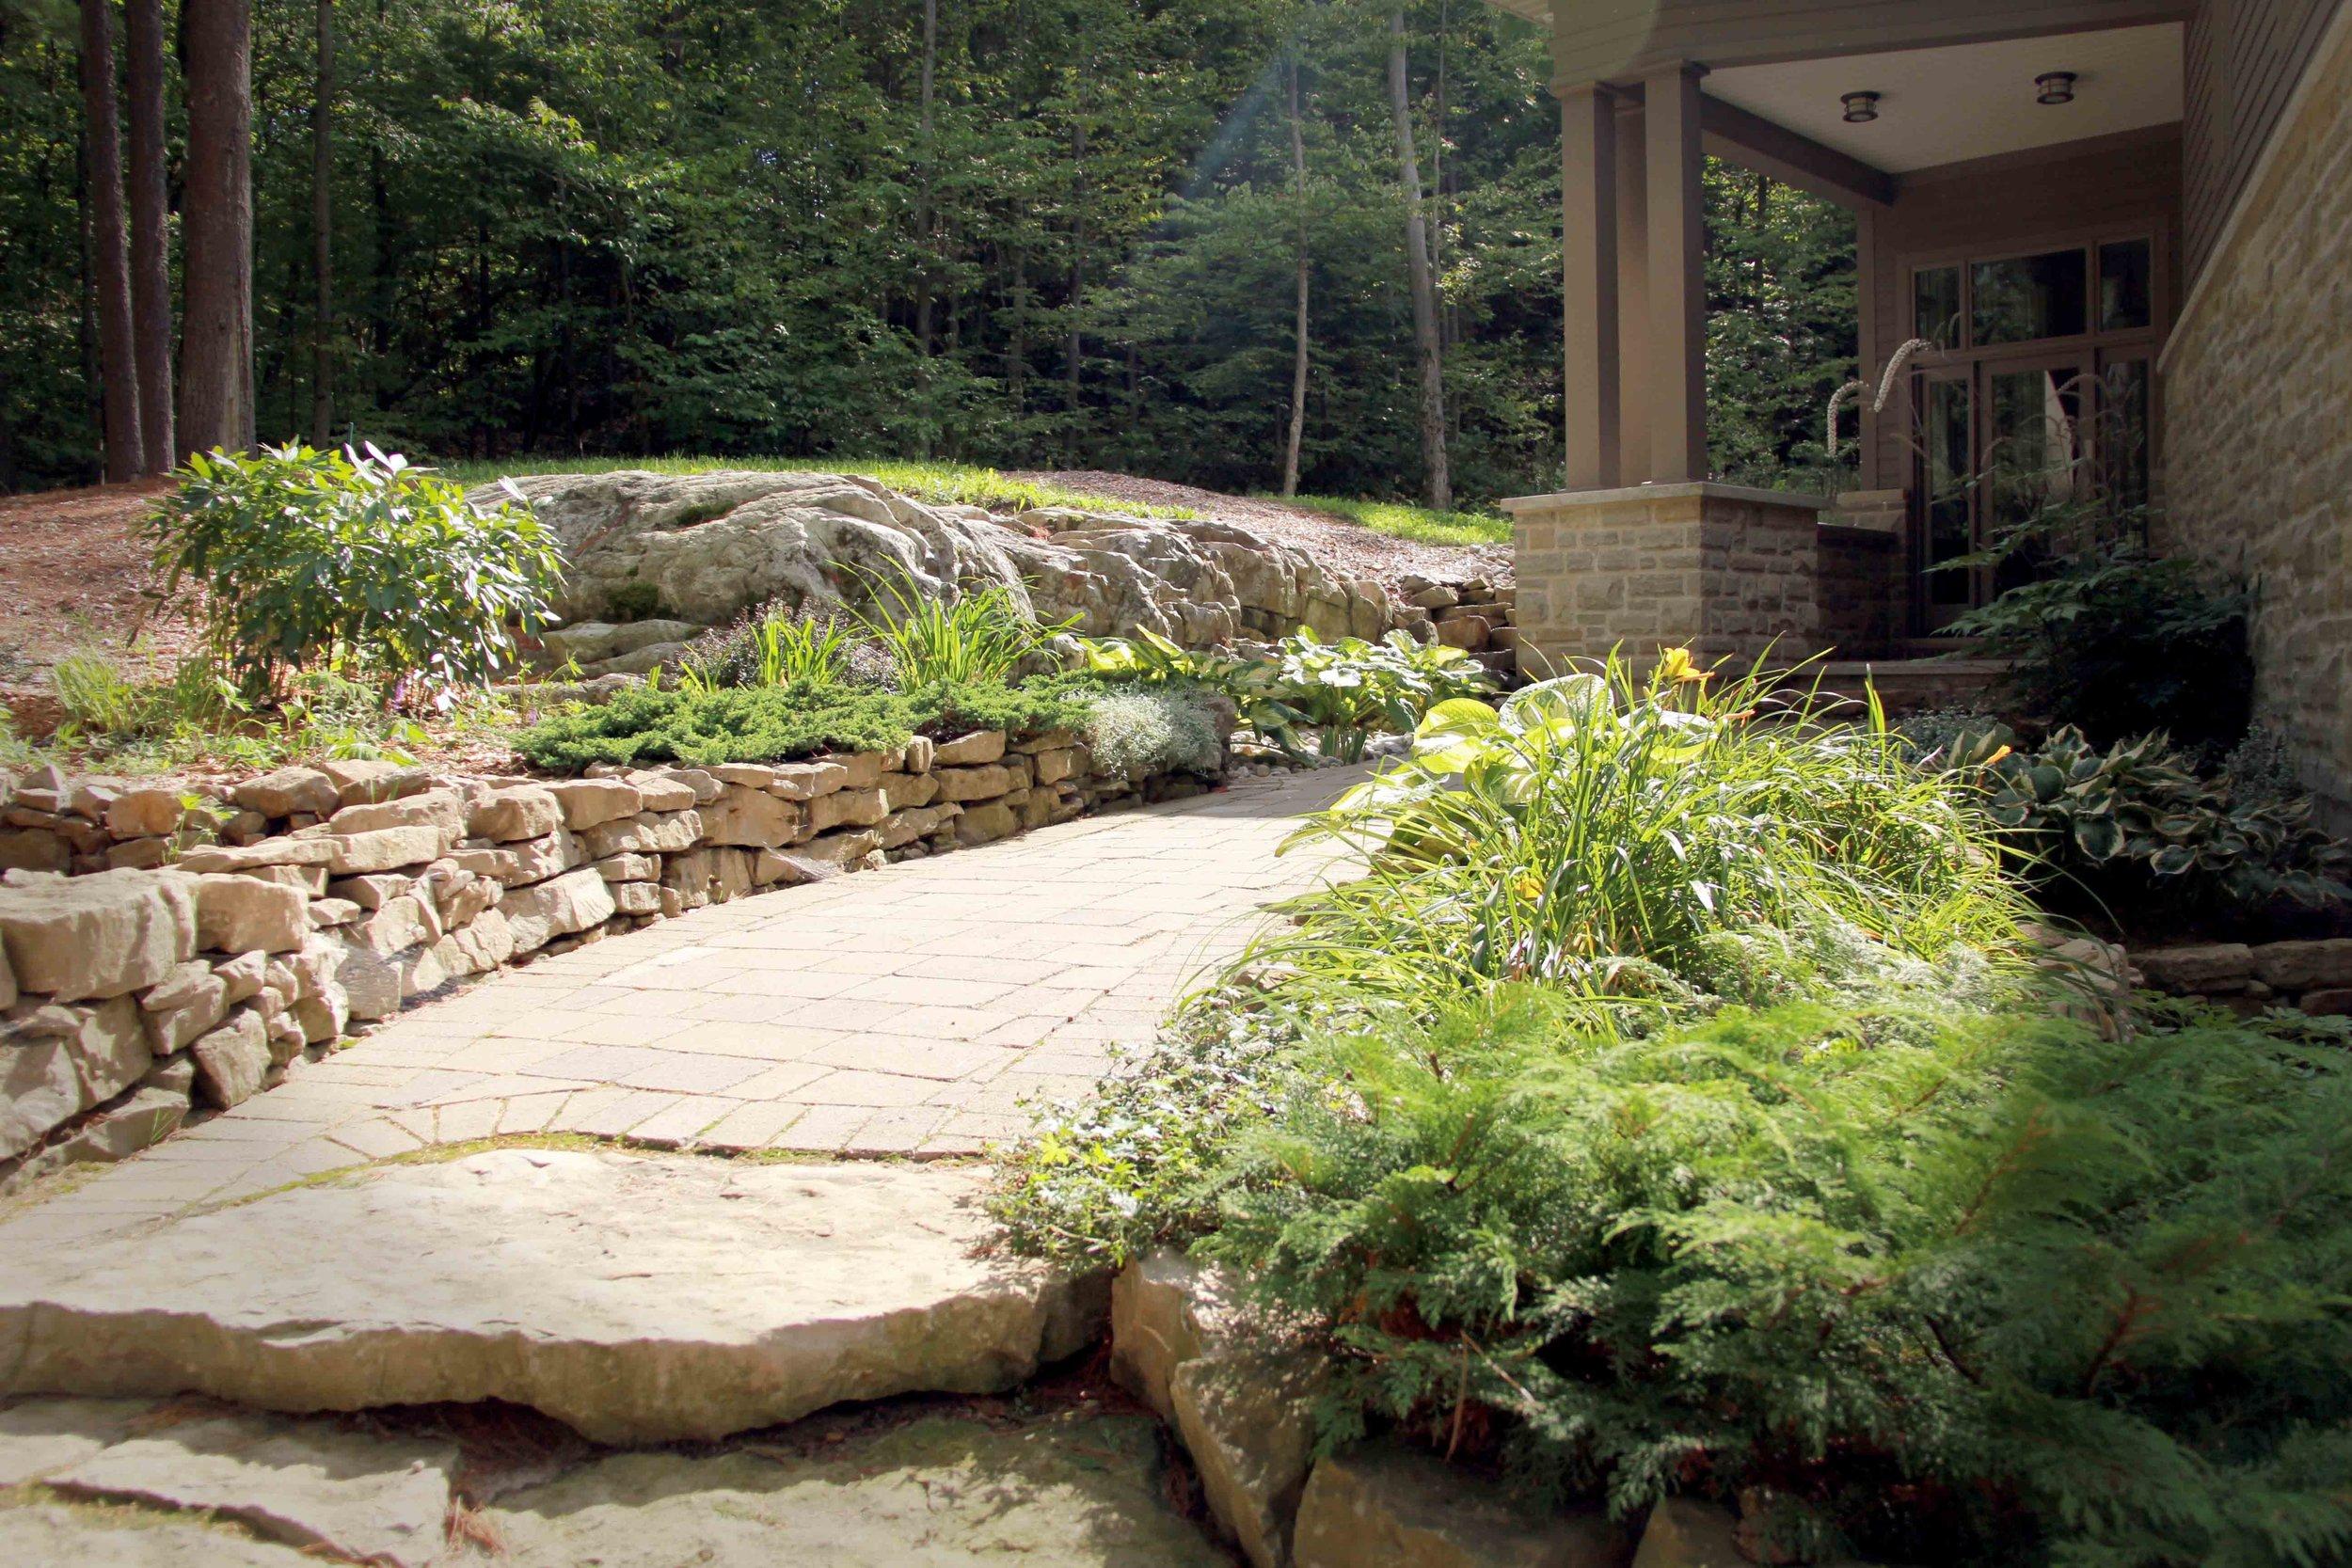 Riverview design Solutions - Naturalized Entrance Design - Forest Landscape.jpg